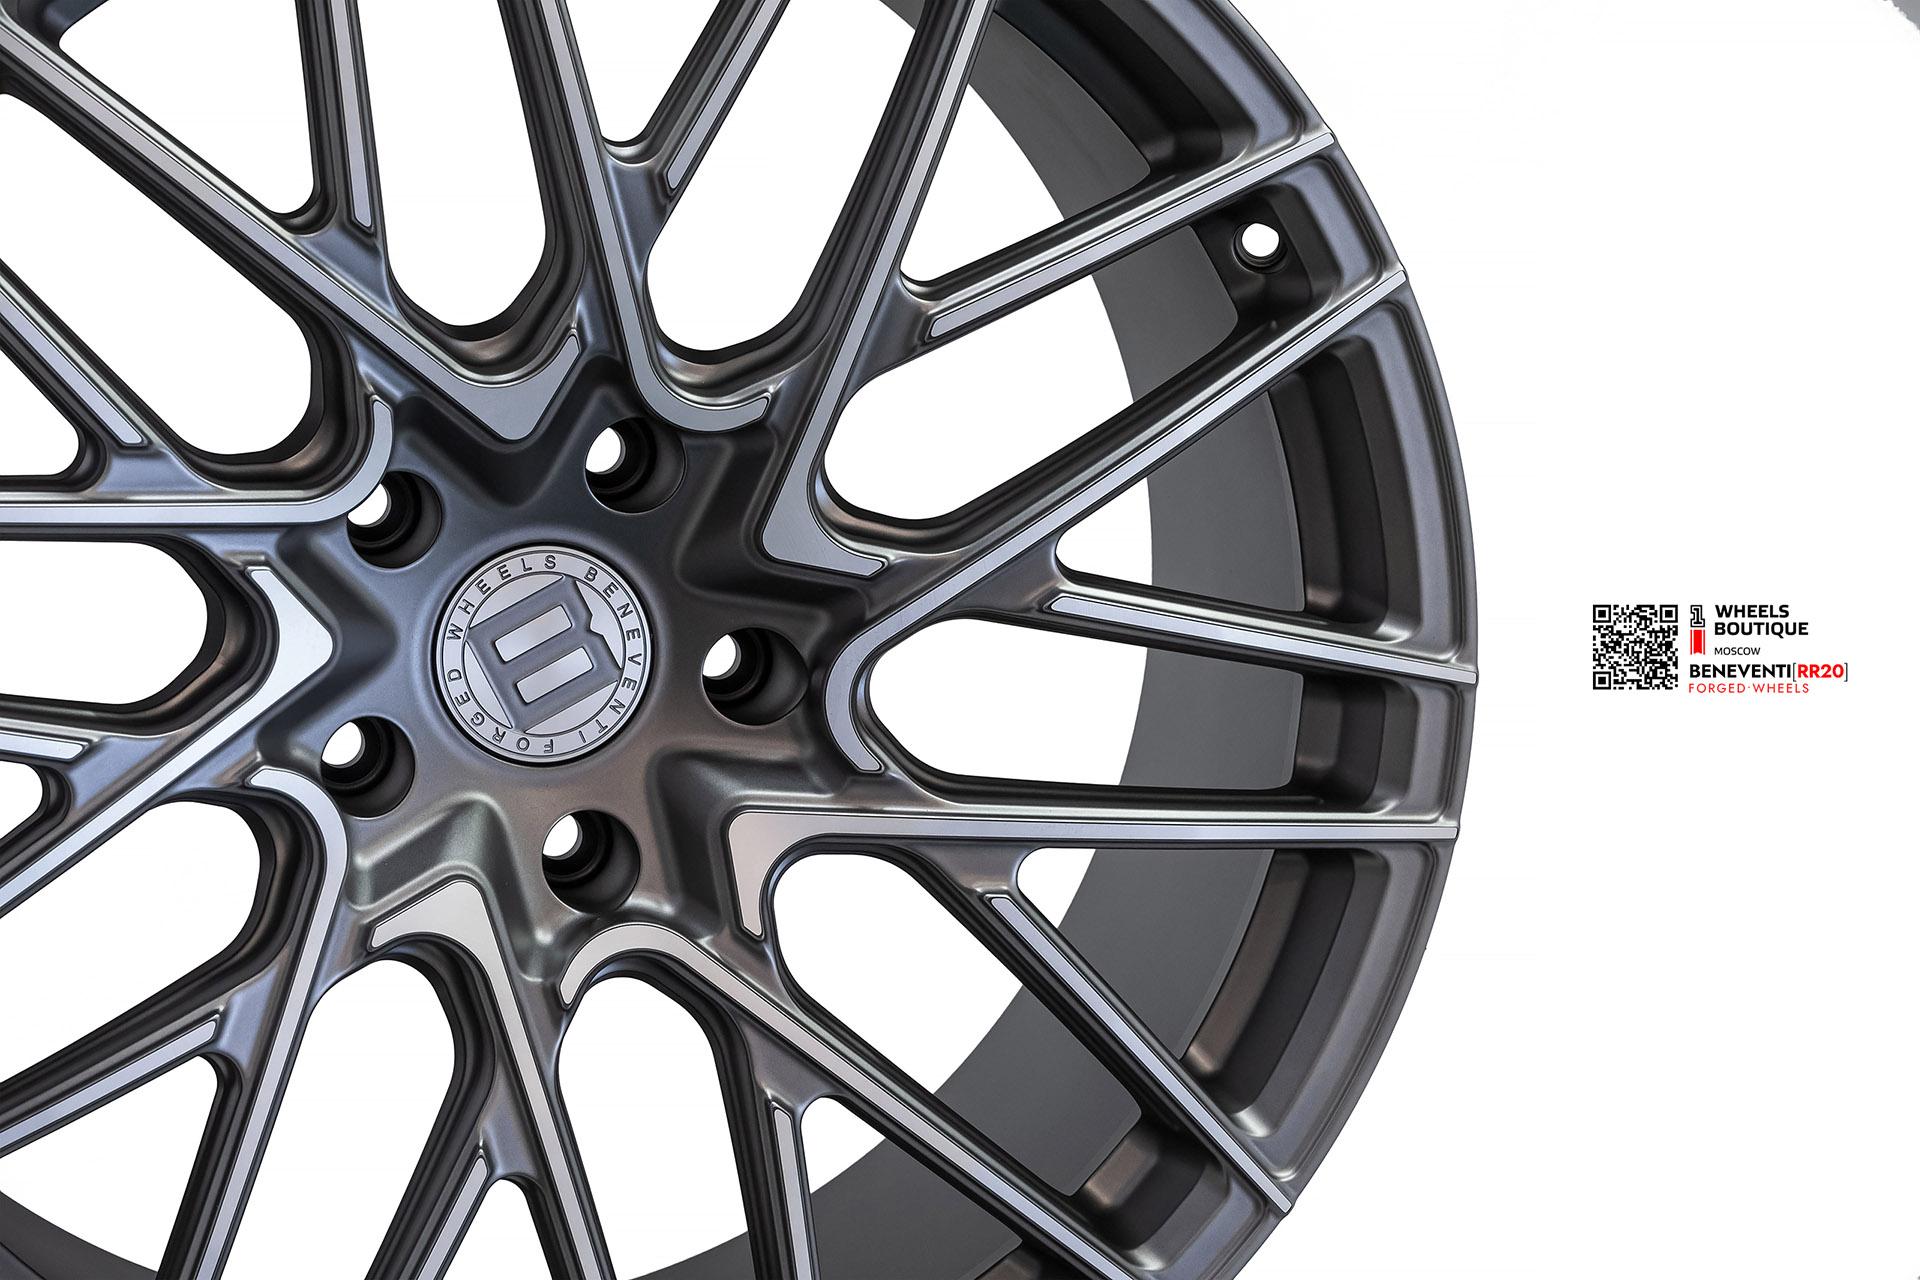 Beneventi RR20 в отделке Графит с алмазной проточкой и сатиновым лаком для Mercedes-Amg G63